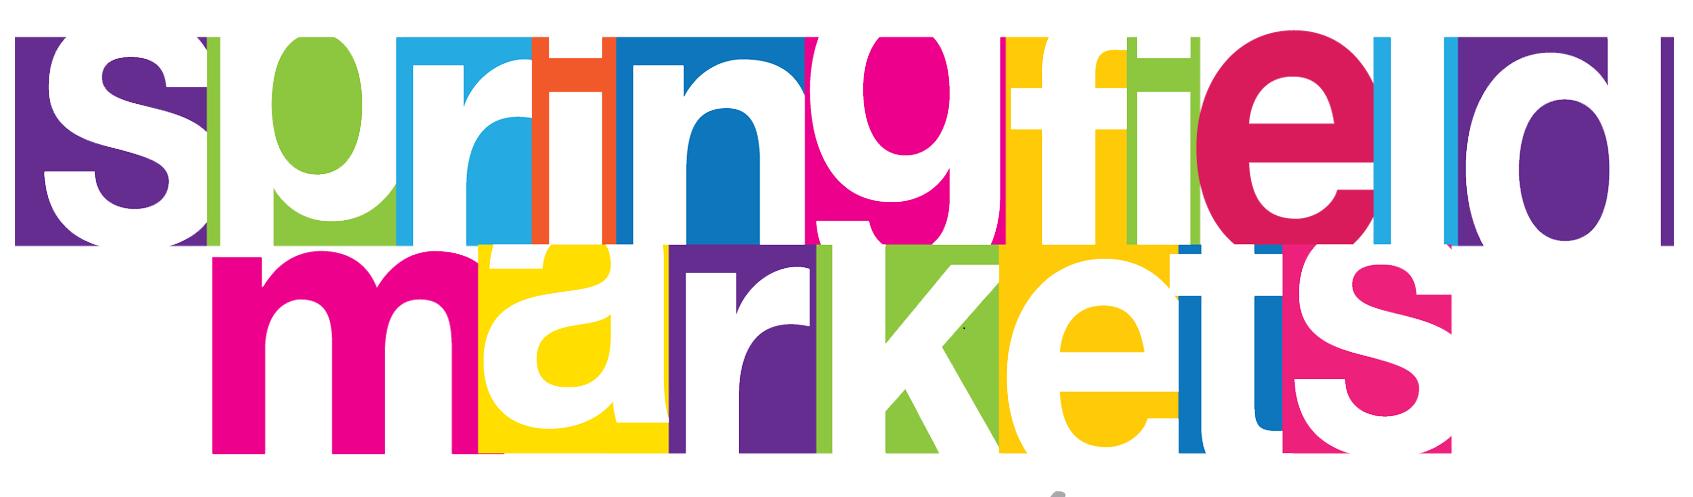 Springfield Markets | Stallholder Application | Sunday 4th April 2021